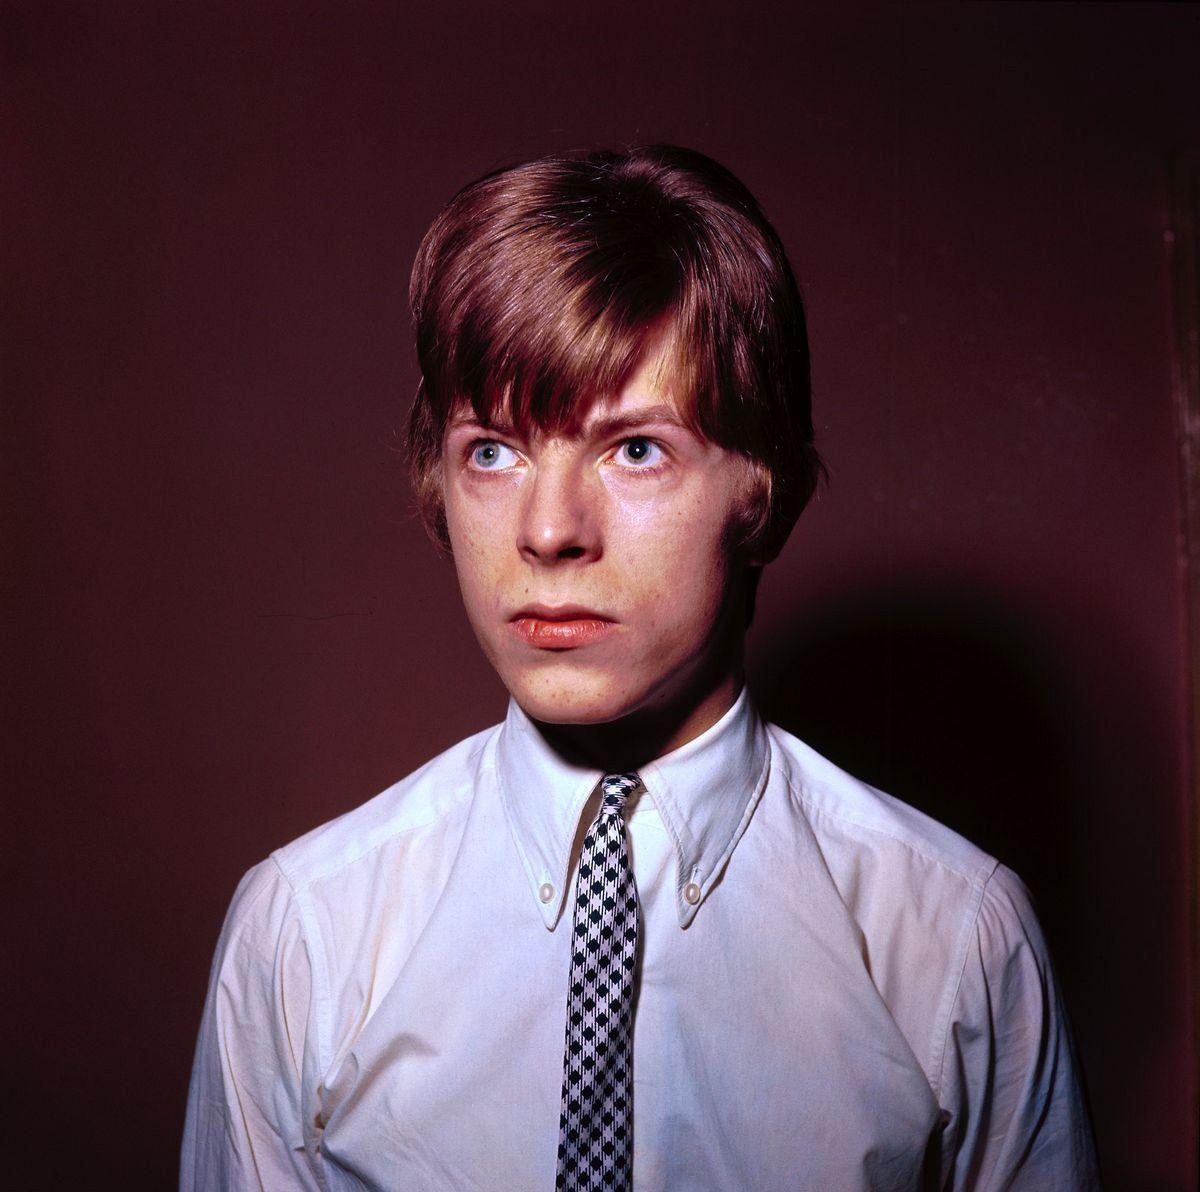 The Golden Yearz David Bowie 1965 By David Redfern David Bowie Ziggy David Bowie Bowie